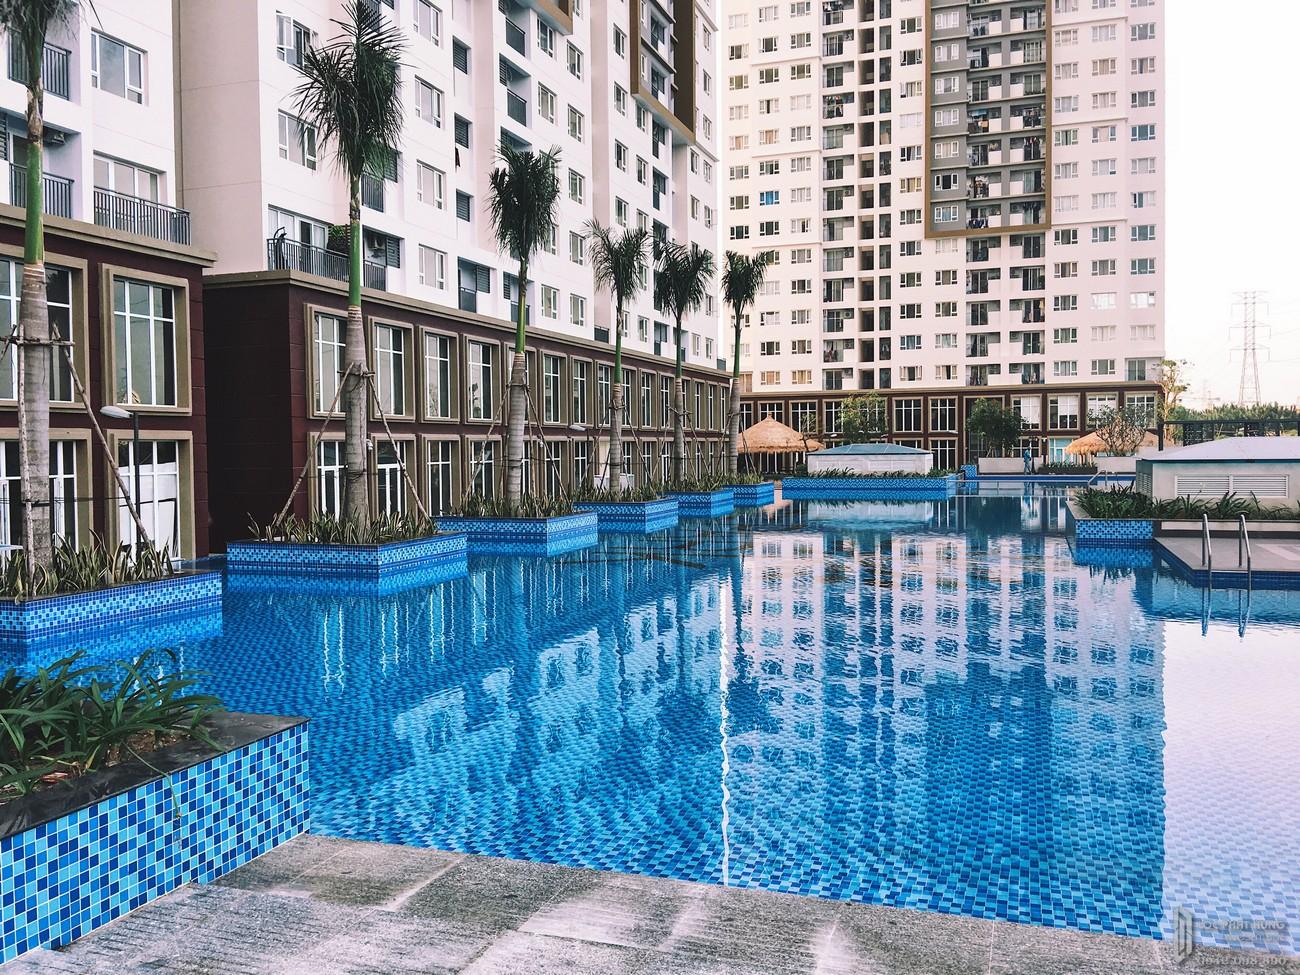 Tiện ích dự án căn hộ chung cư The Park Residence Nhà Bè Đường Nguyễn Hữu Thọ chủ đầu tư Phú Hoàng Anh